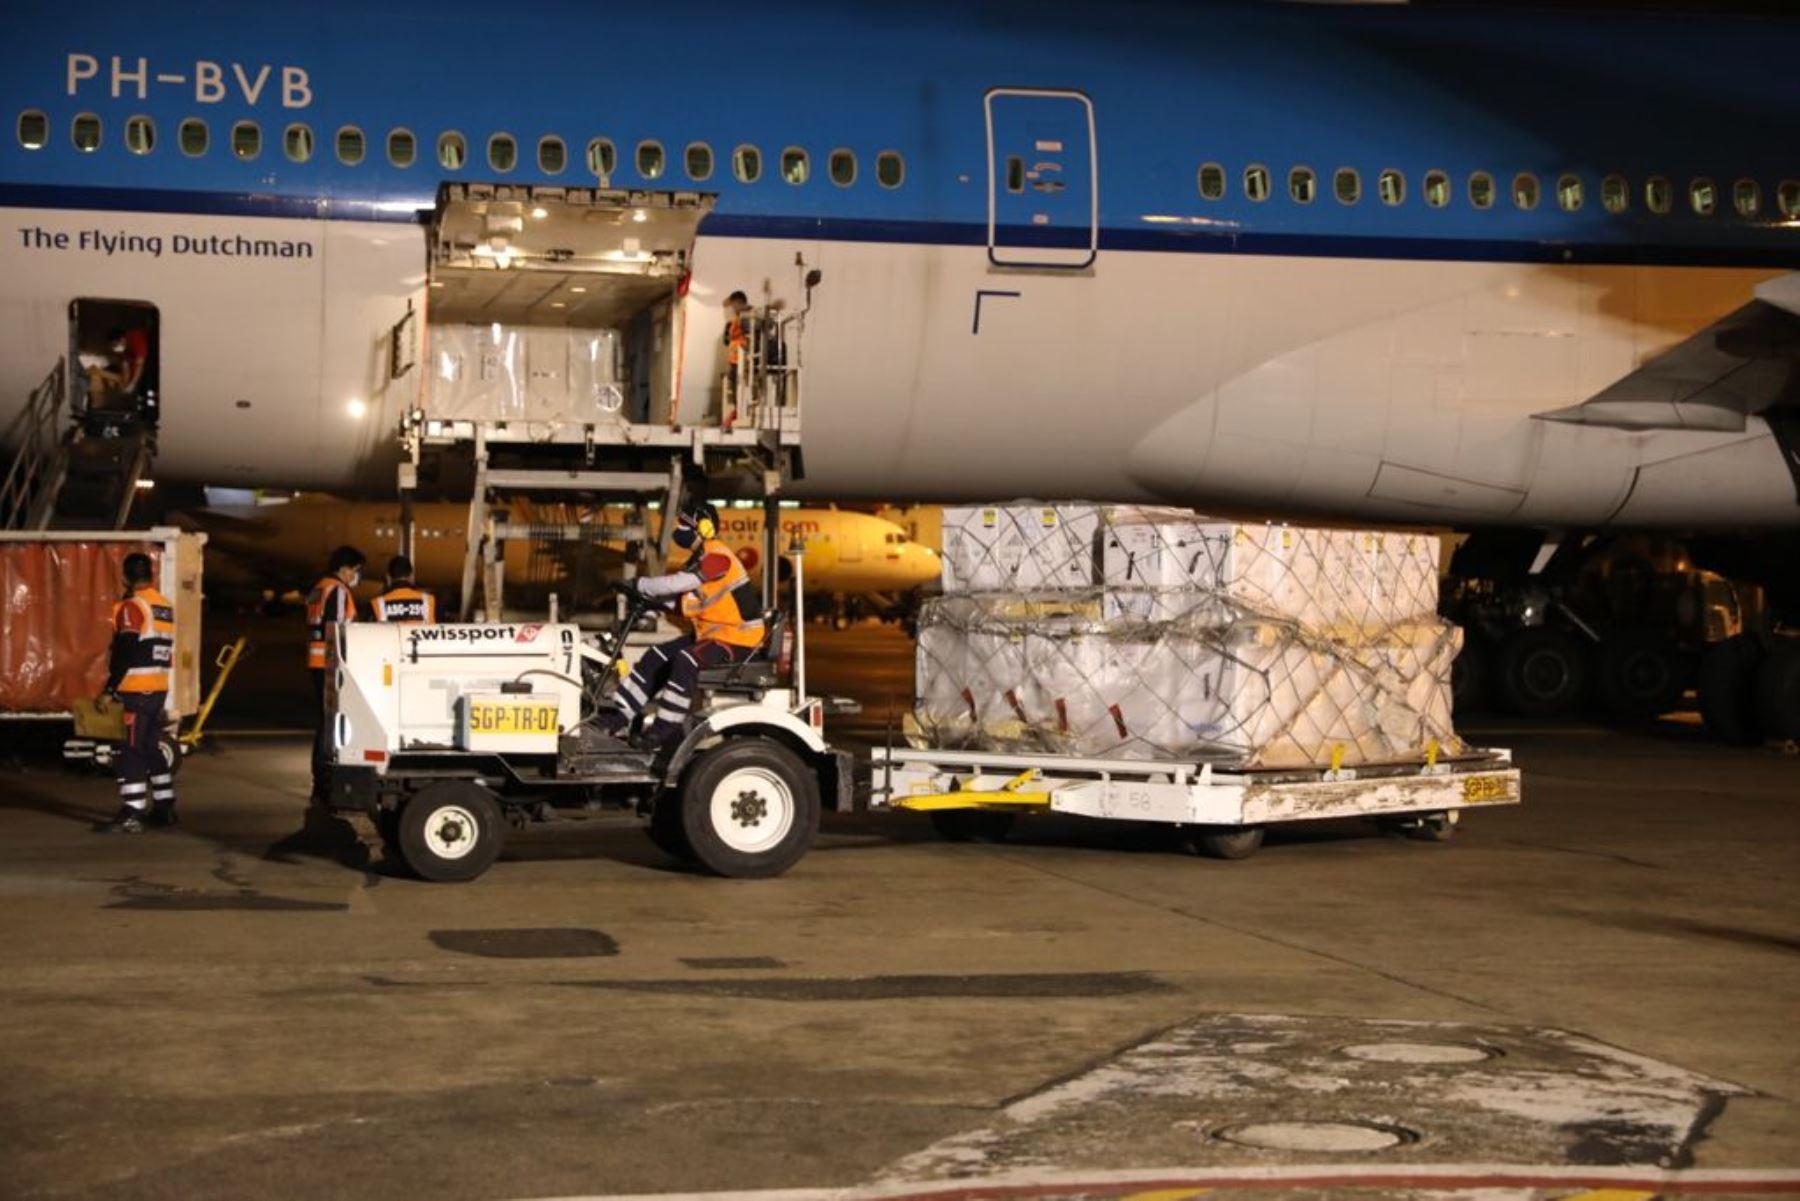 El ministro de Trabajo y Promoción del Empleo, Javier Palacios Gallegos, recibió esta noche 350 mil vacunas Pfizer, que llegaron en vuelo de KLM 743 desde Ámsterdam. Estas vacunas forman parte de un lote de 700 mil. Las 350 mil restantes llegarán este sábado. Foto: ANDINA/Difusión